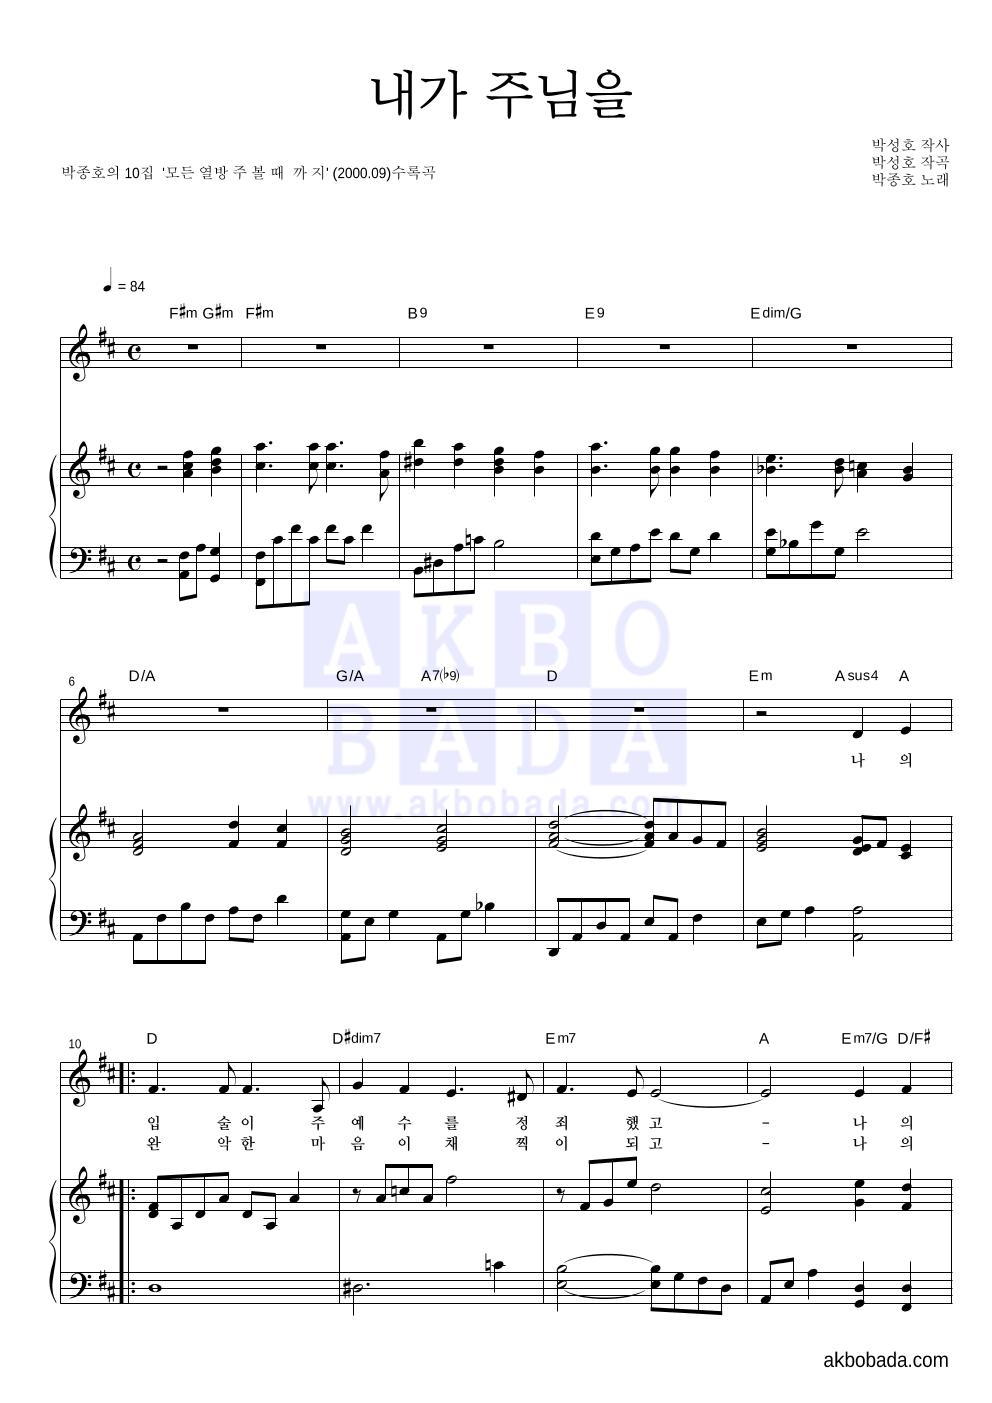 박종호 - 내가 주님을 피아노 3단 악보